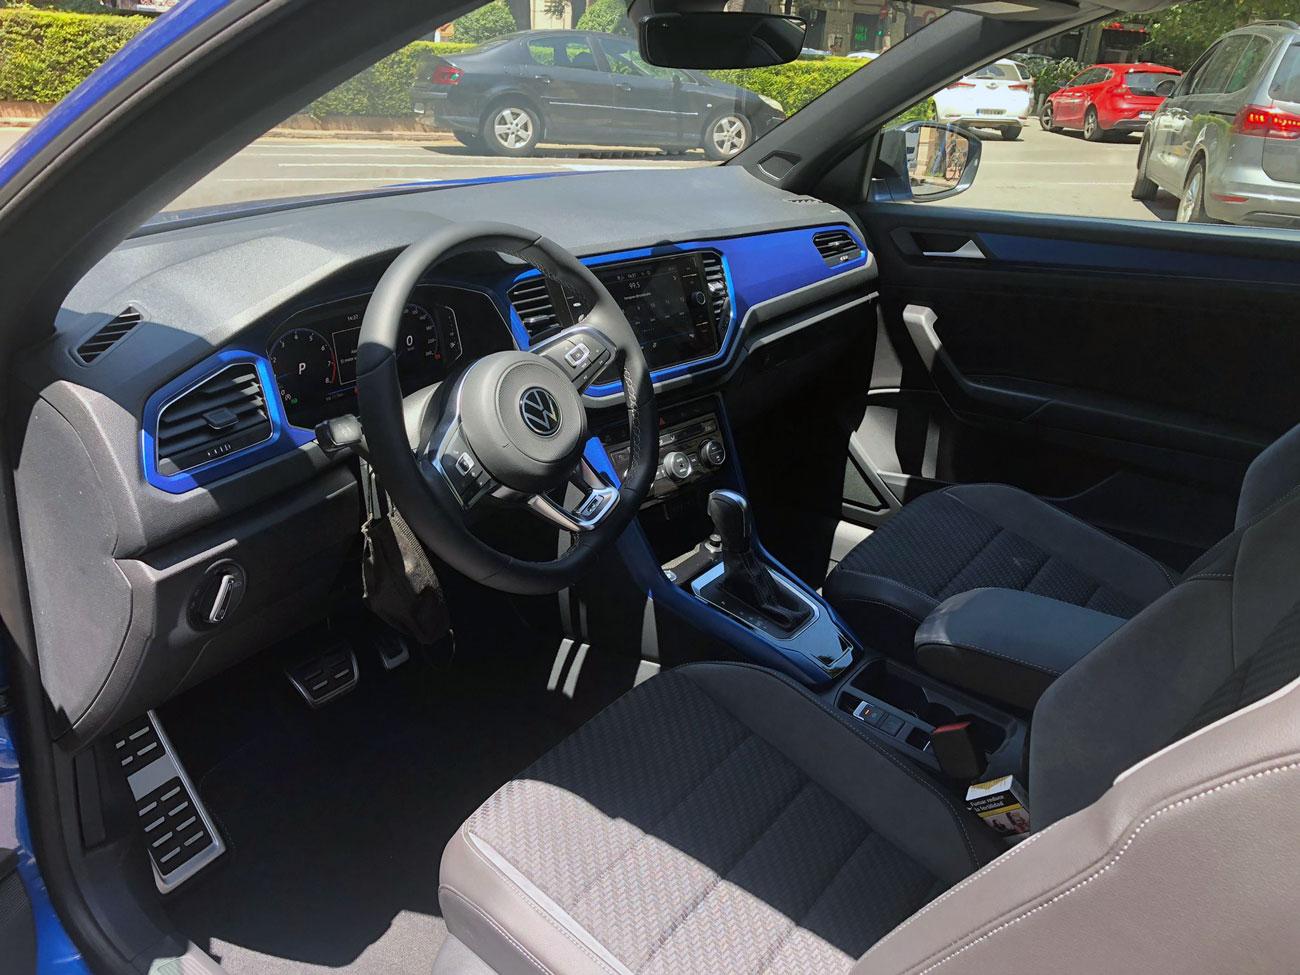 Volkswagen-TRoc-Cabrio-4